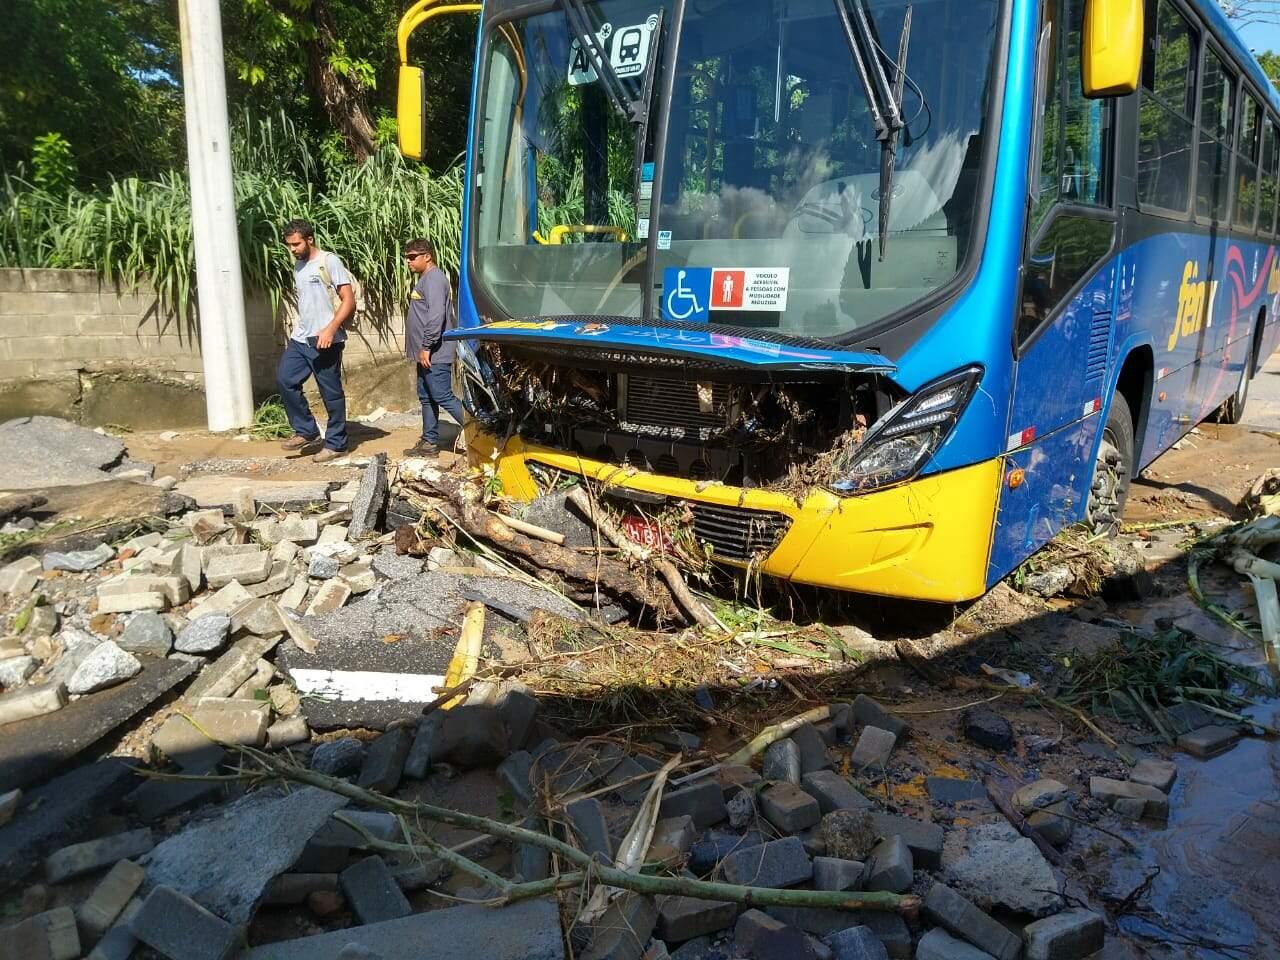 A força da enxurrada arrastou veículos, inclusive um ônibus